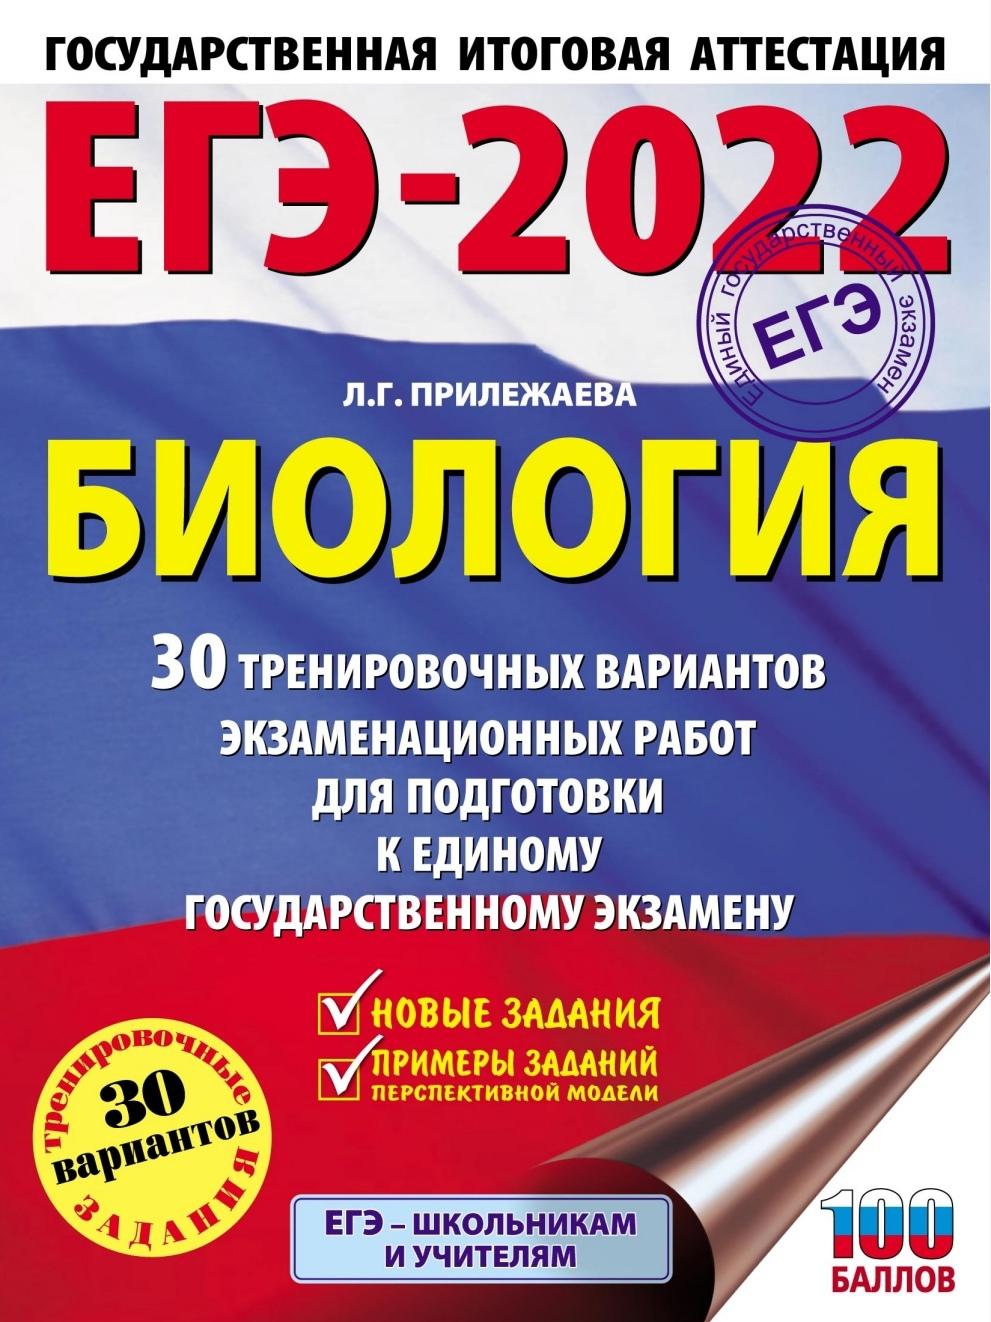 ЕГЭ 2022 по биологии, Л. Г. Прилежаева. Теория вероятностей Задача 4 и 10. Рабочая тетрадь (задания и ответы)